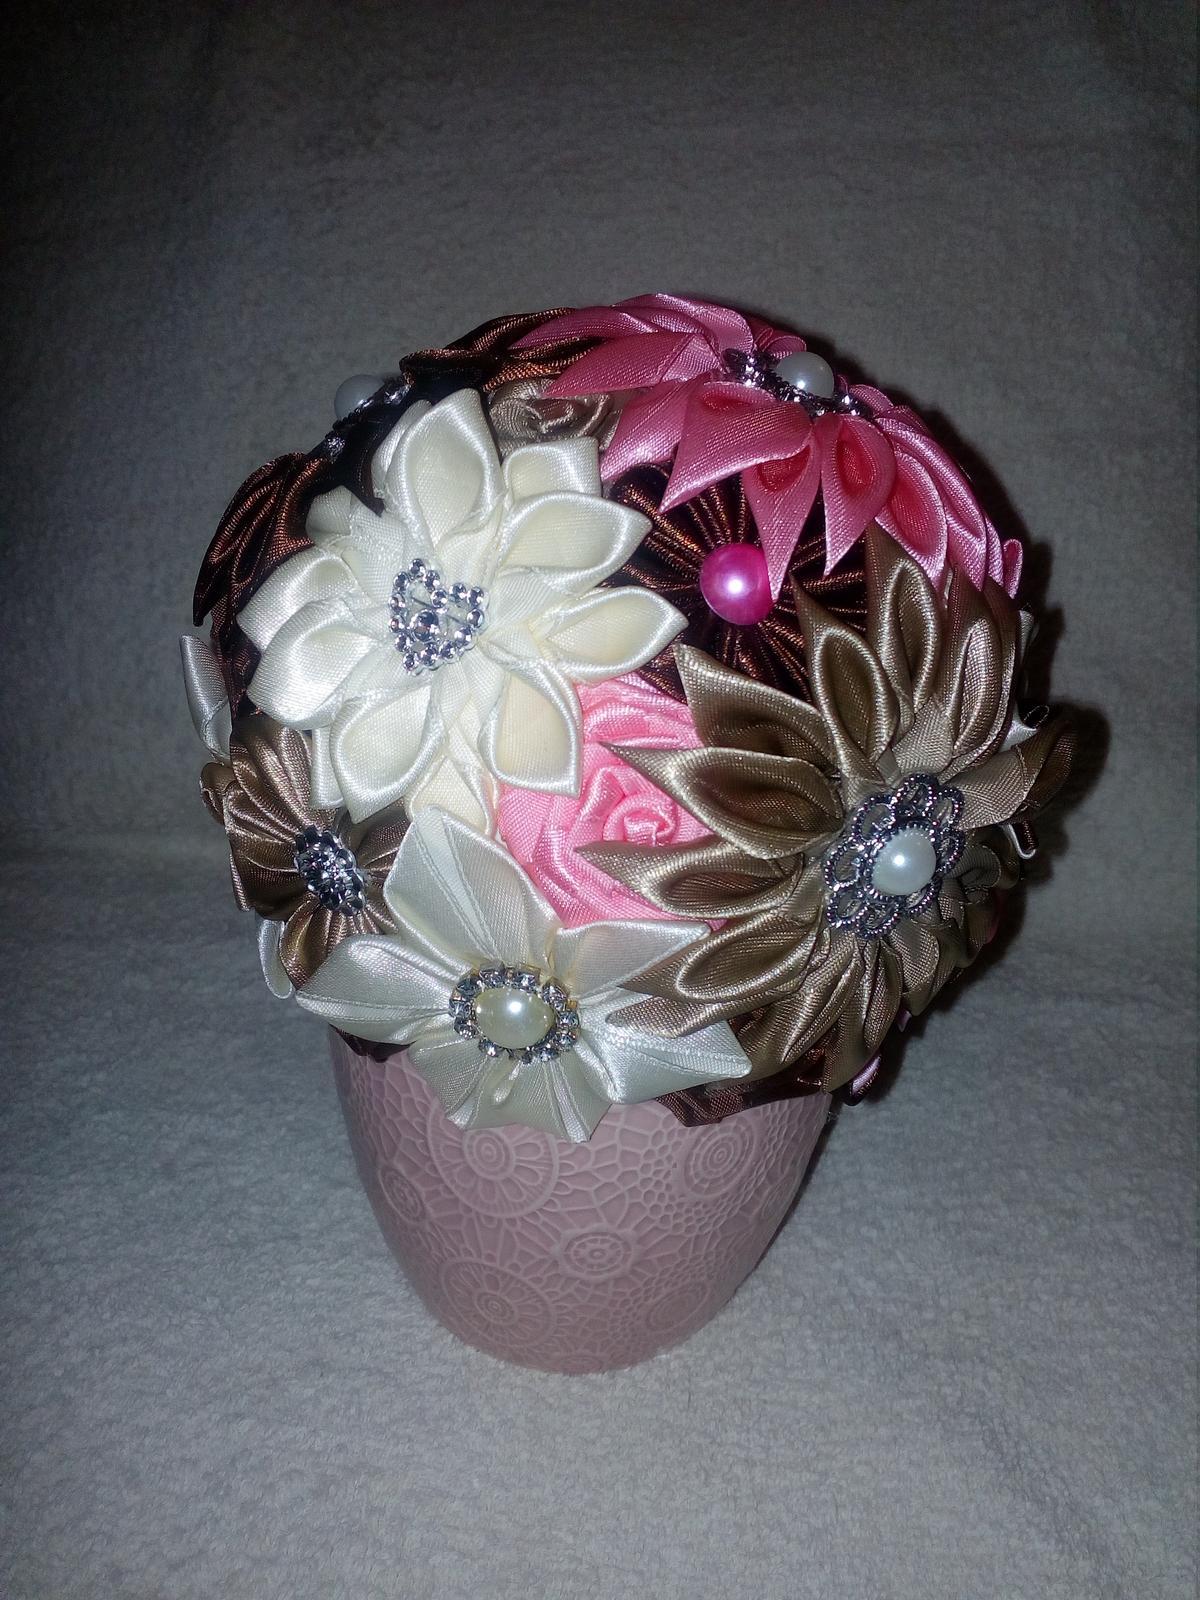 Dekoracia v kvetinaci - Obrázok č. 3